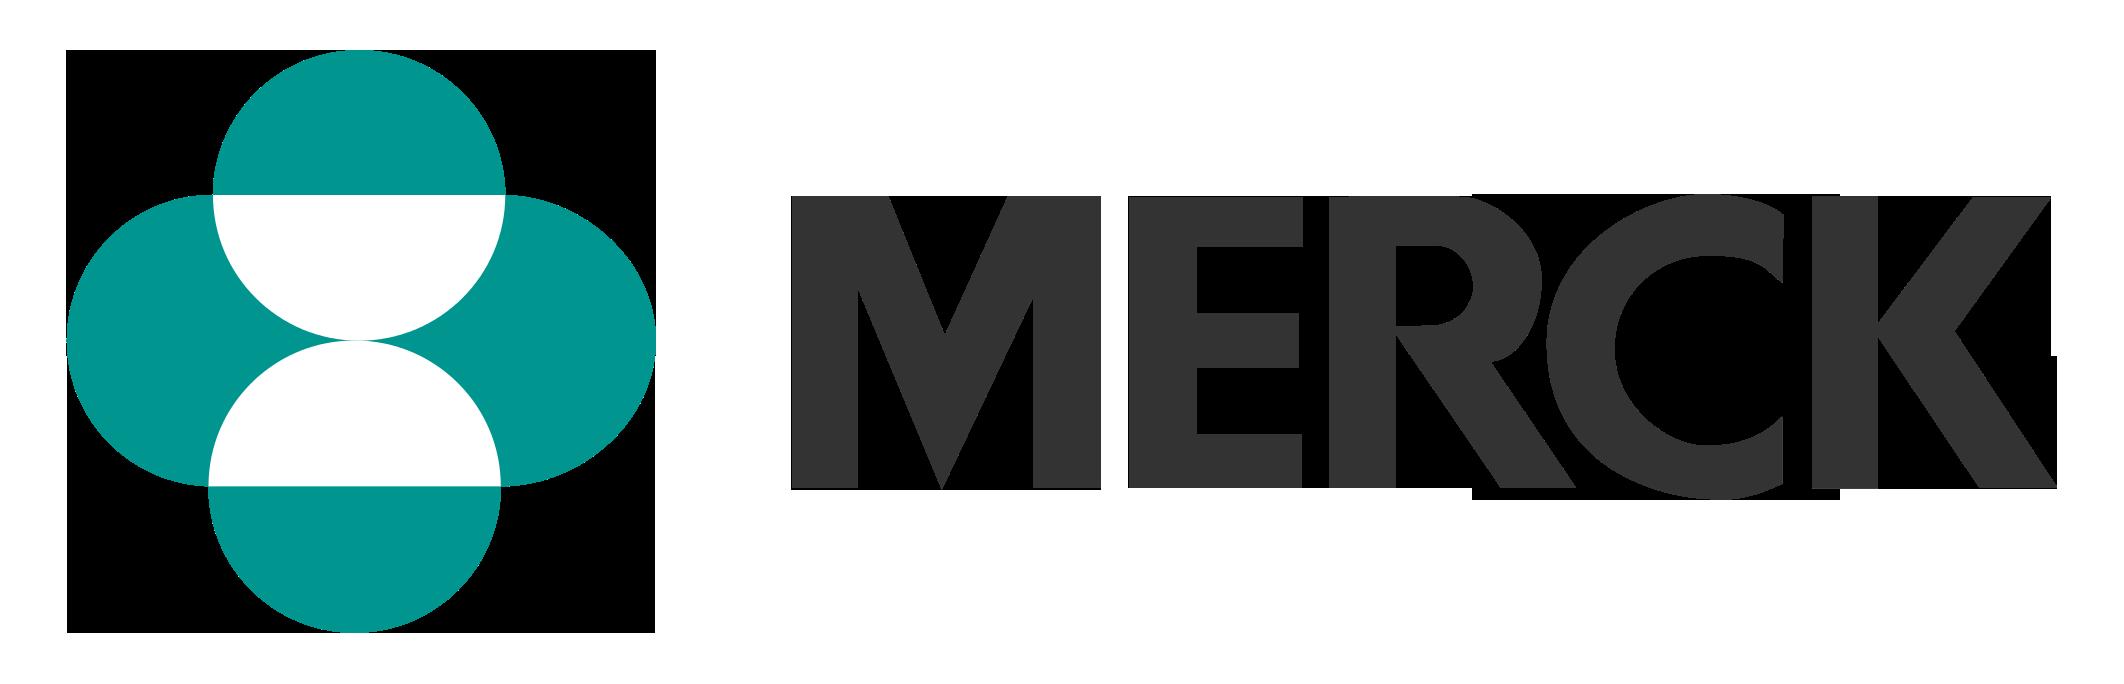 Merck Logo PNG Image.